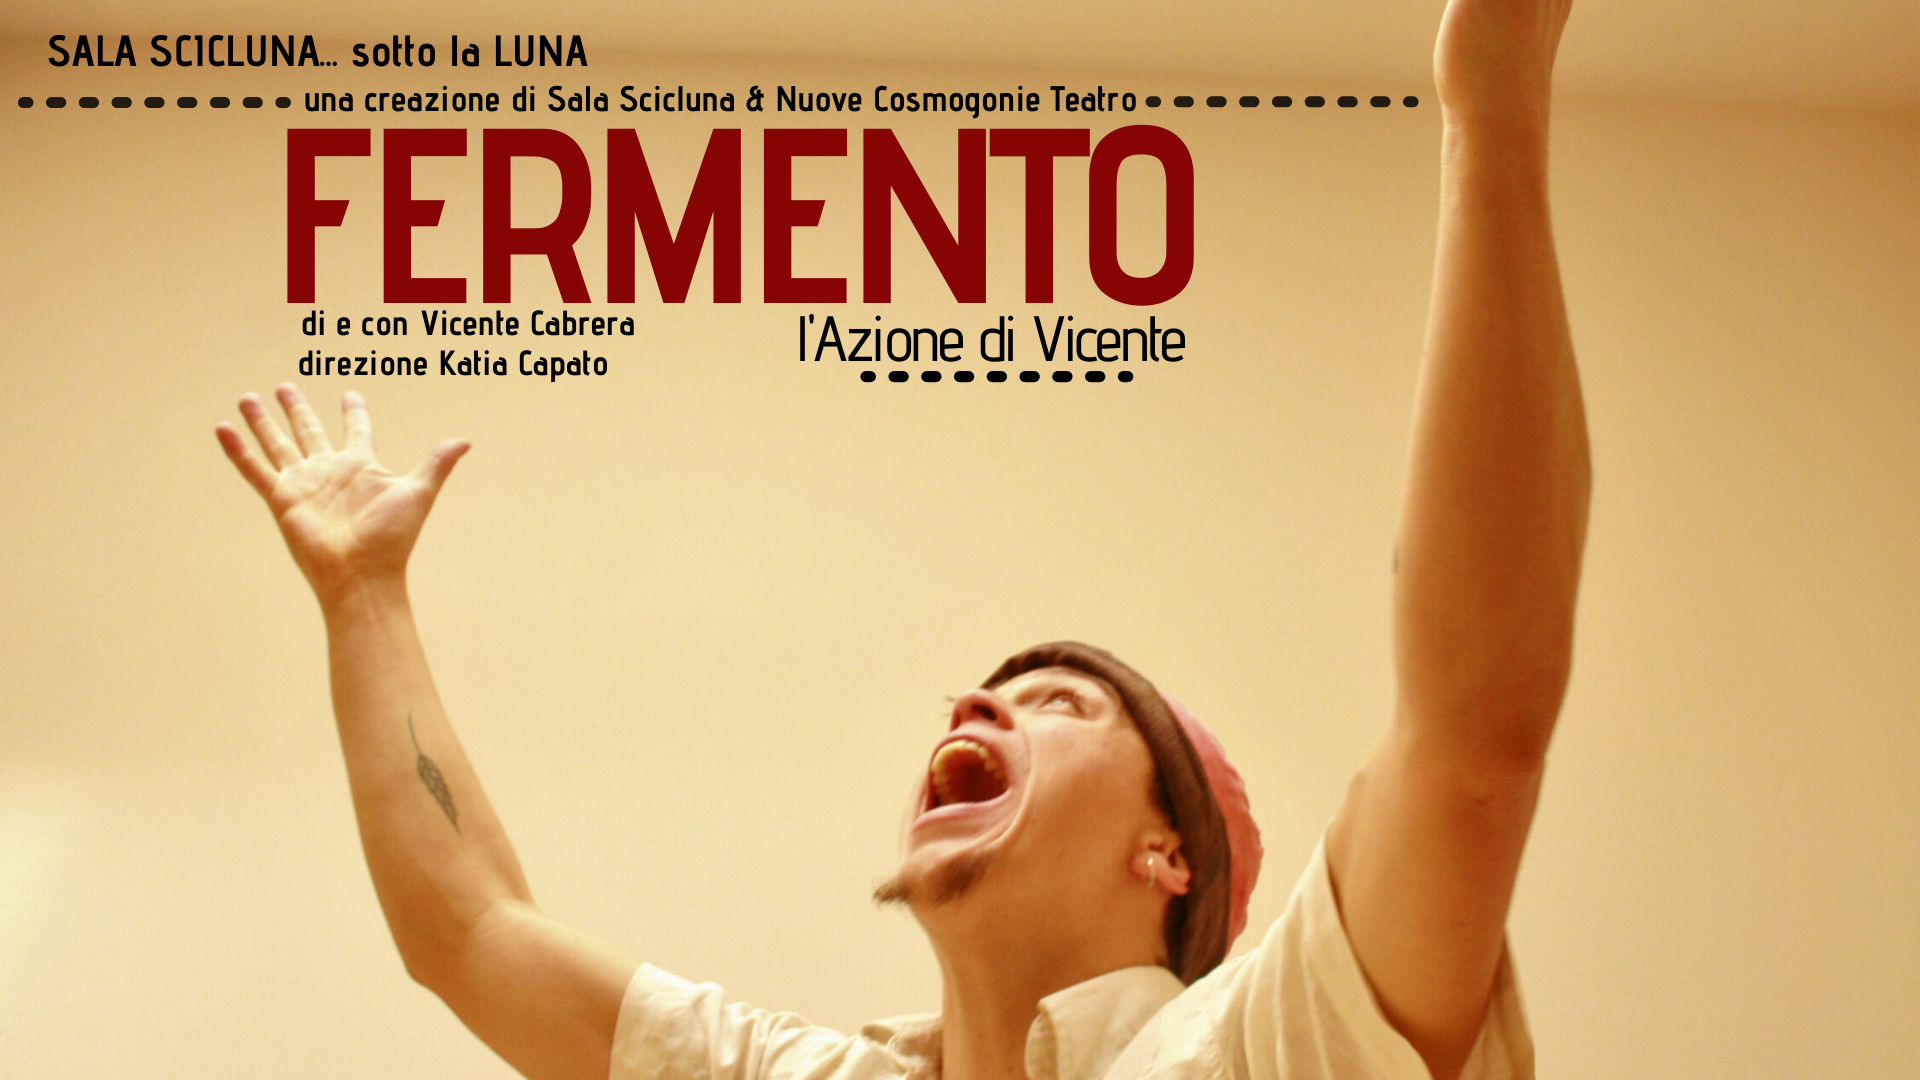 CILE PROJECT/FERMENTO. L'azione di Vincente